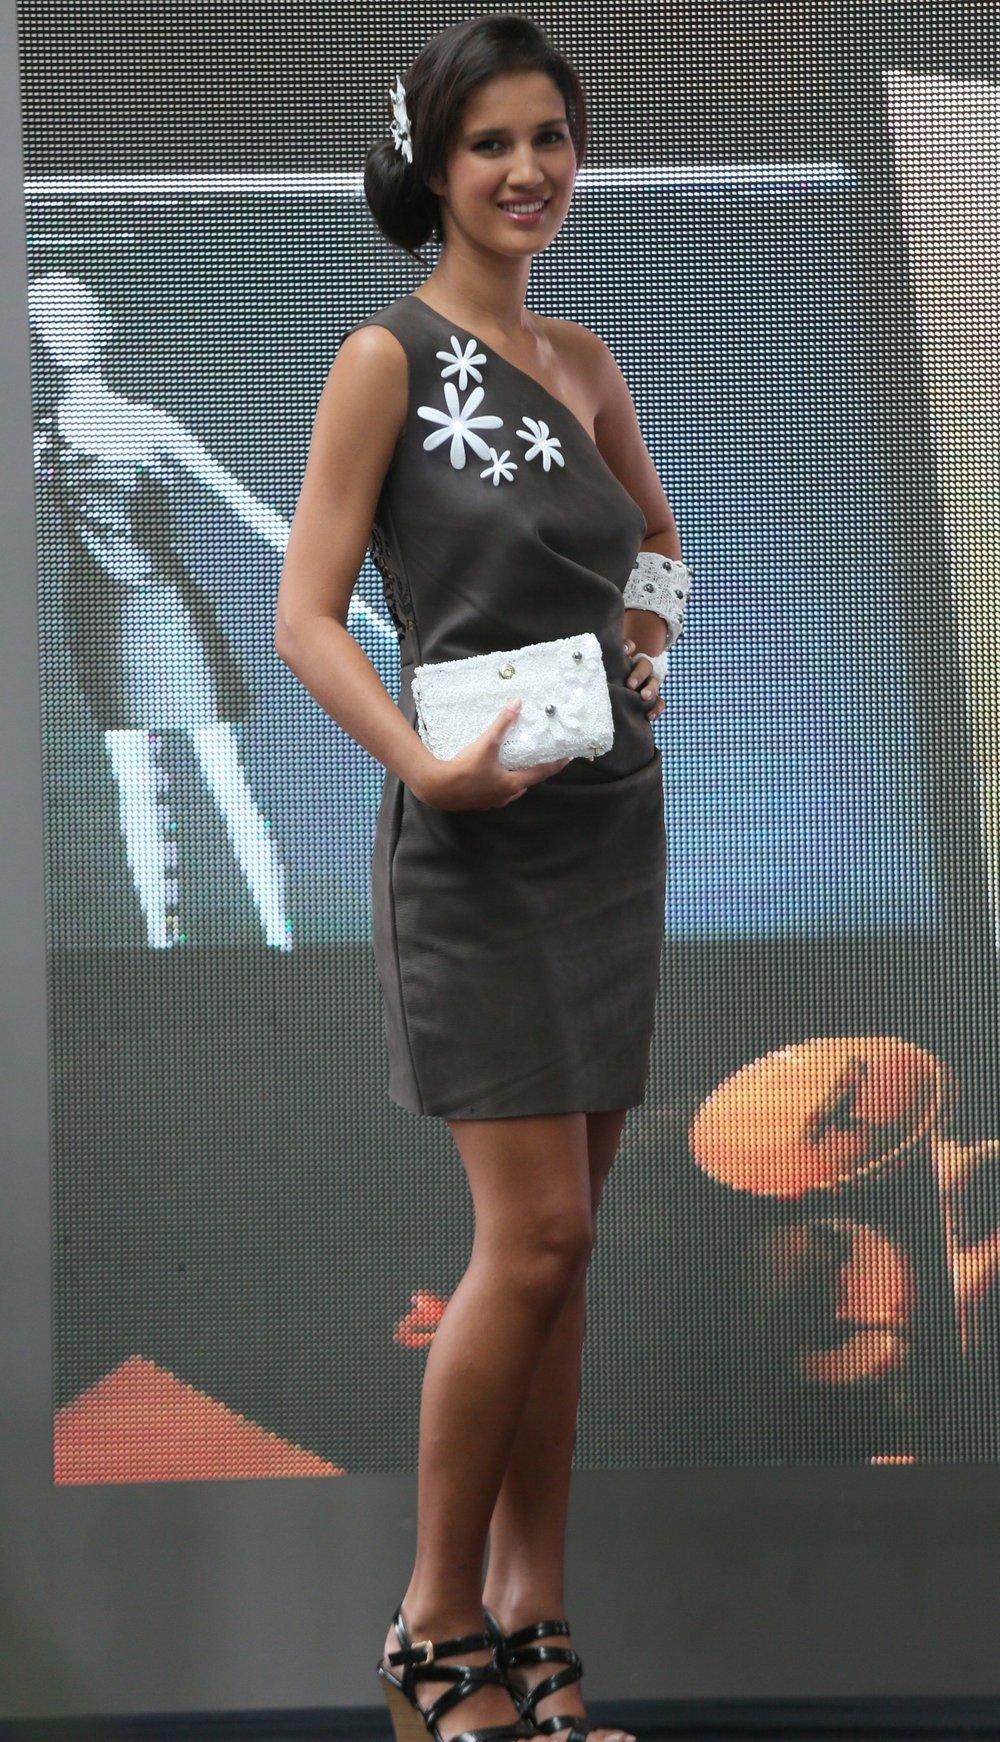 Kanel - porte la première robe réalisée avec l'appui des technologies 3D. Les mensurations de Kanel ont été numérisées ainsi que le patron de la robe. Sa réalisation virtuelle est identique à la réalisation réelle. Les accessoires ont été créés à partir d'une imprimante et d'un stylo 3D